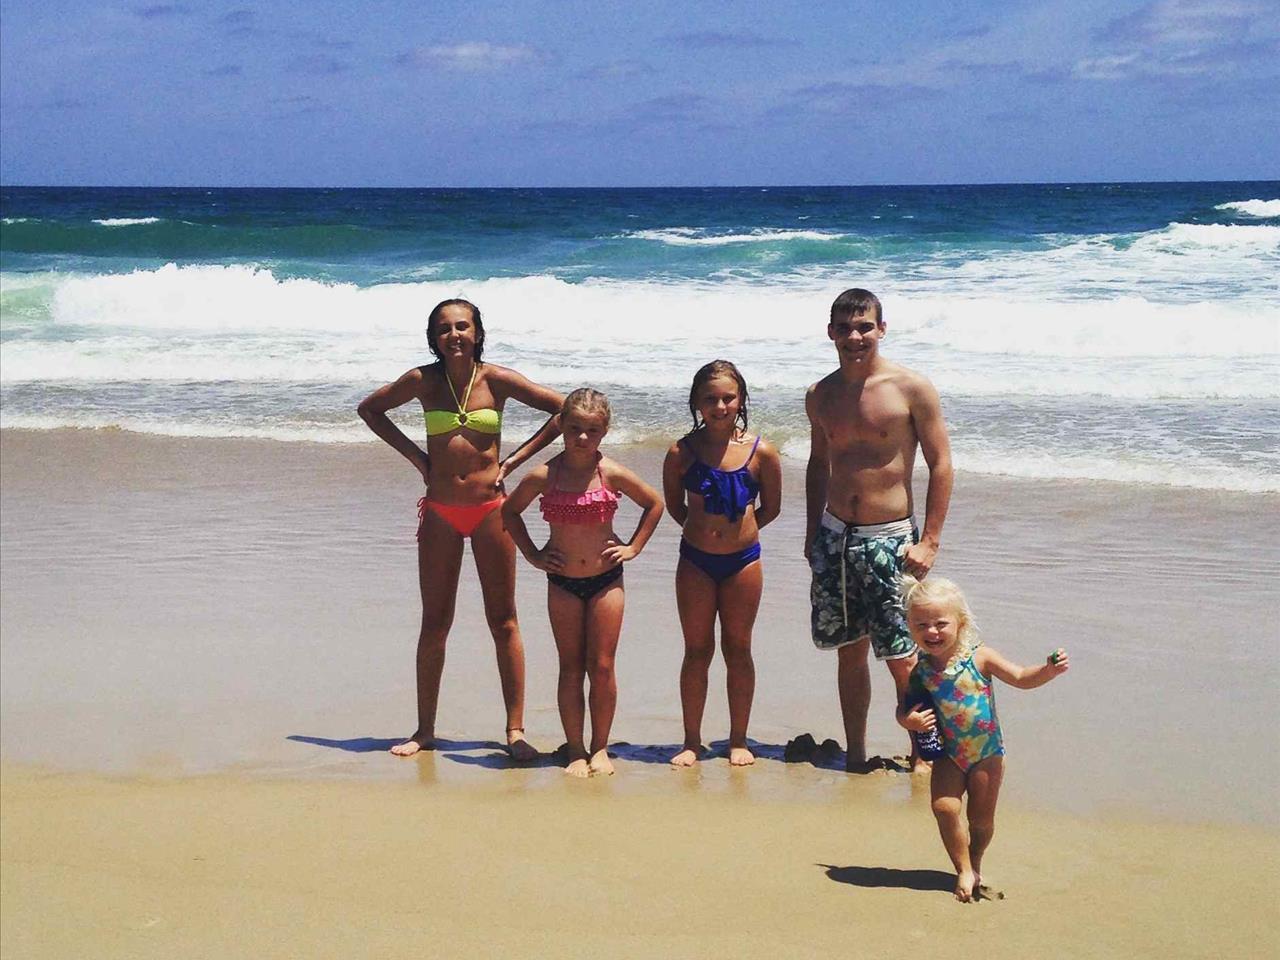 July 2015 Stay - SS42 - Sea Dreamer, Irene Luck